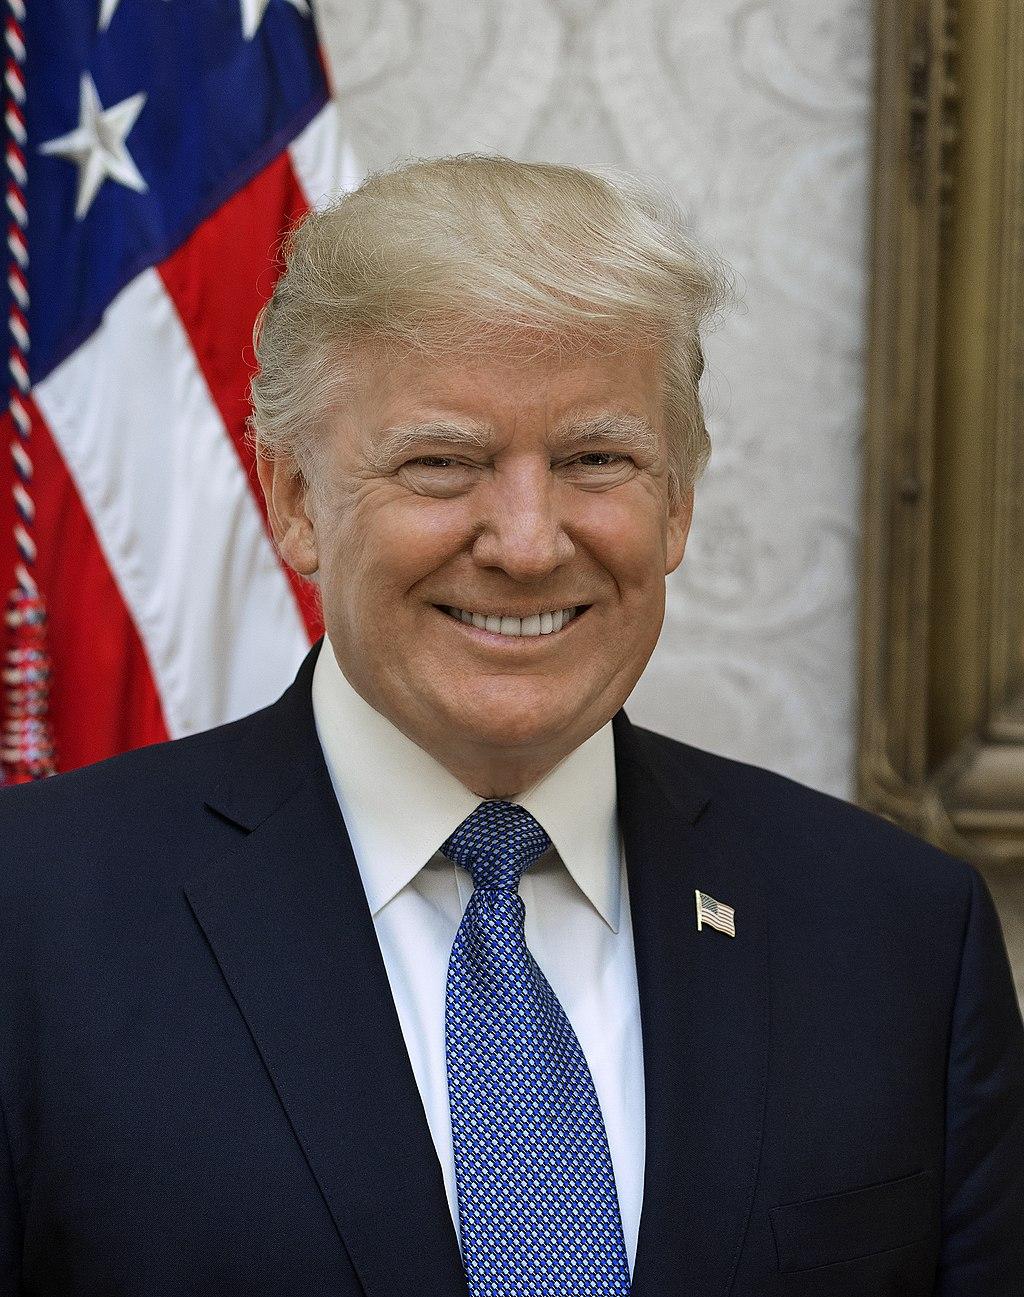 1024px-Donald_Trump_official_portrait.jpg